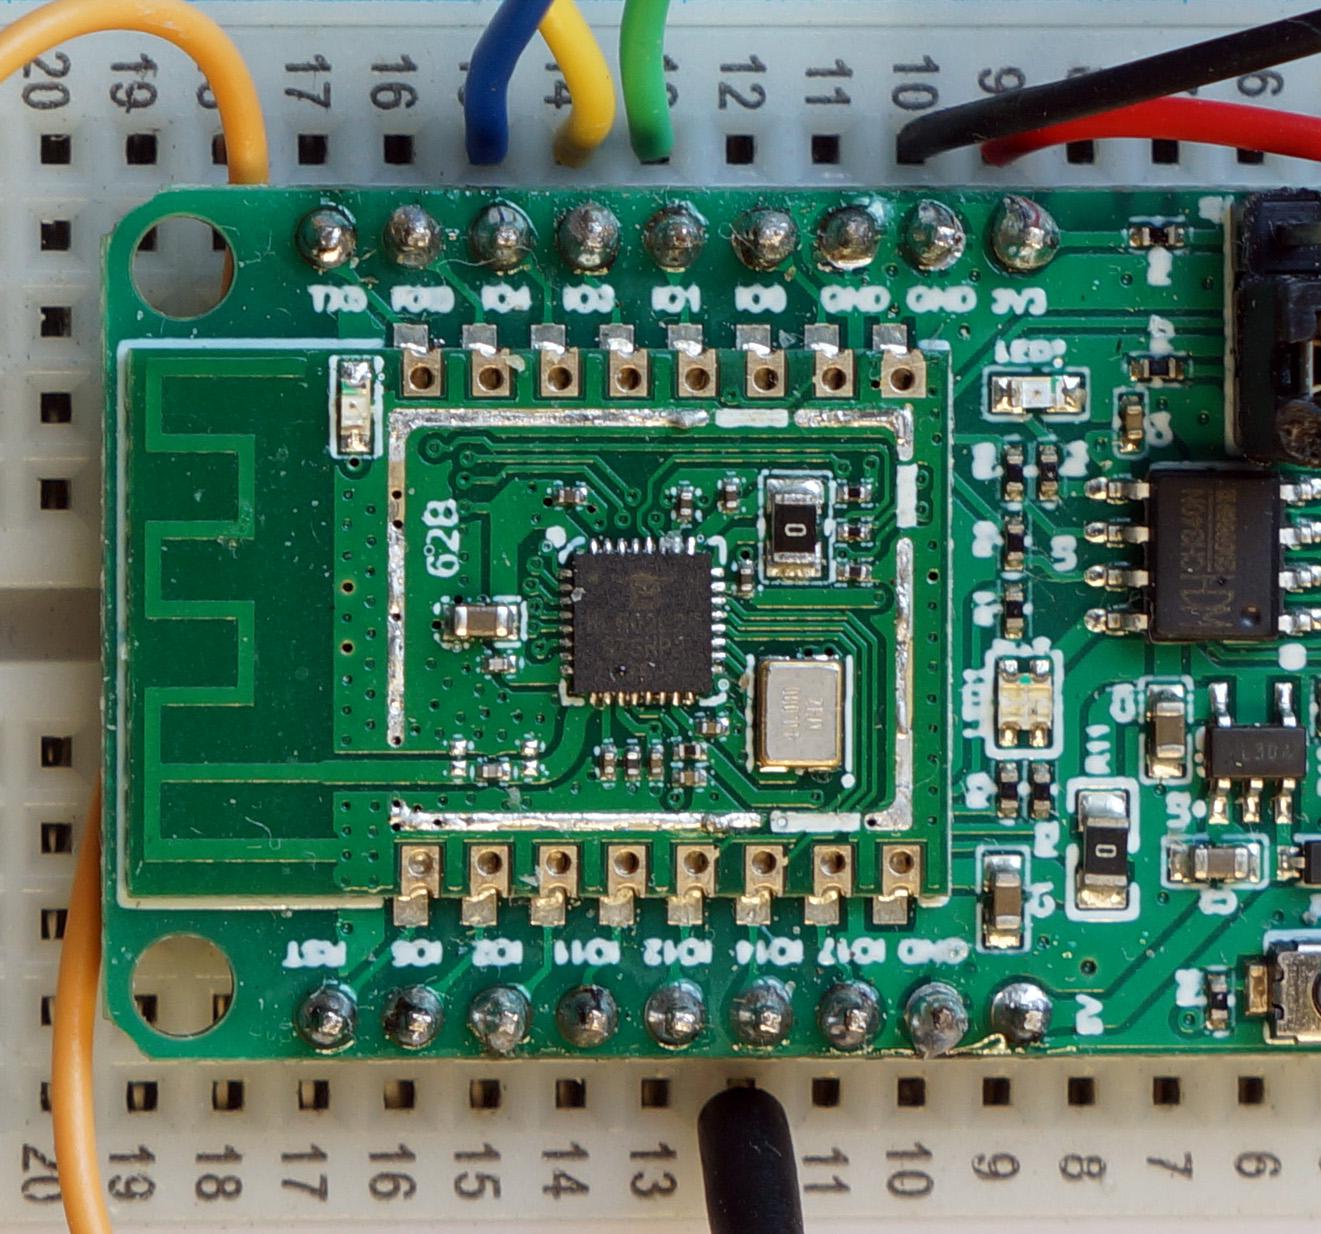 BL602 SPI Pins 1 (SDI), 3 (Clock), 4 (SDO) and 14 (Chip Select)